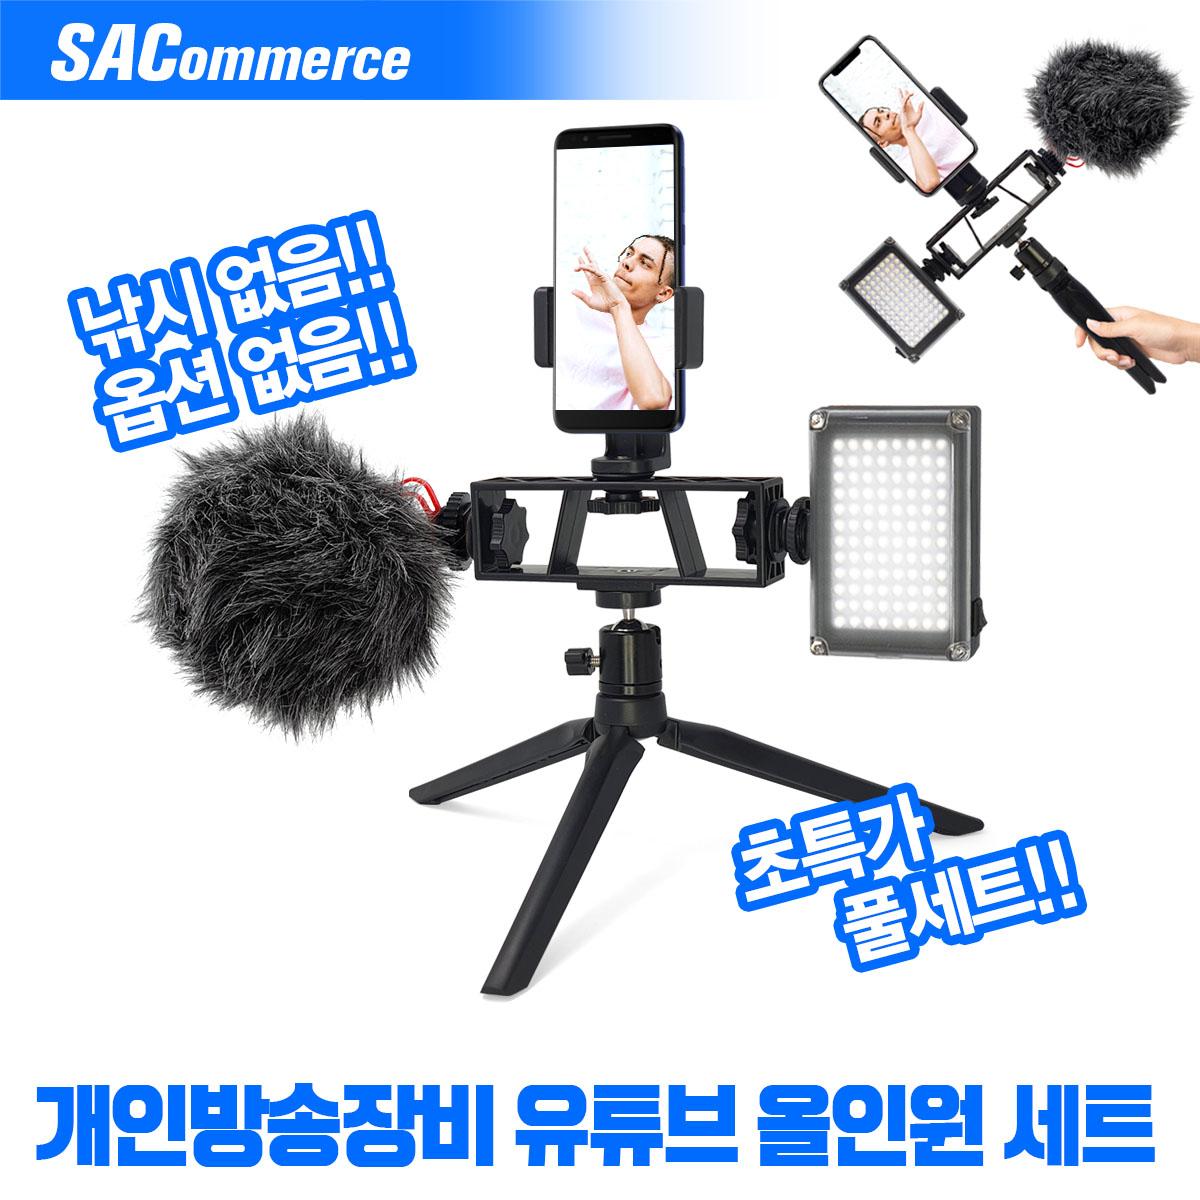 [SA커머스] 개인방송장비 유튜브방송장비 올인원 풀세트